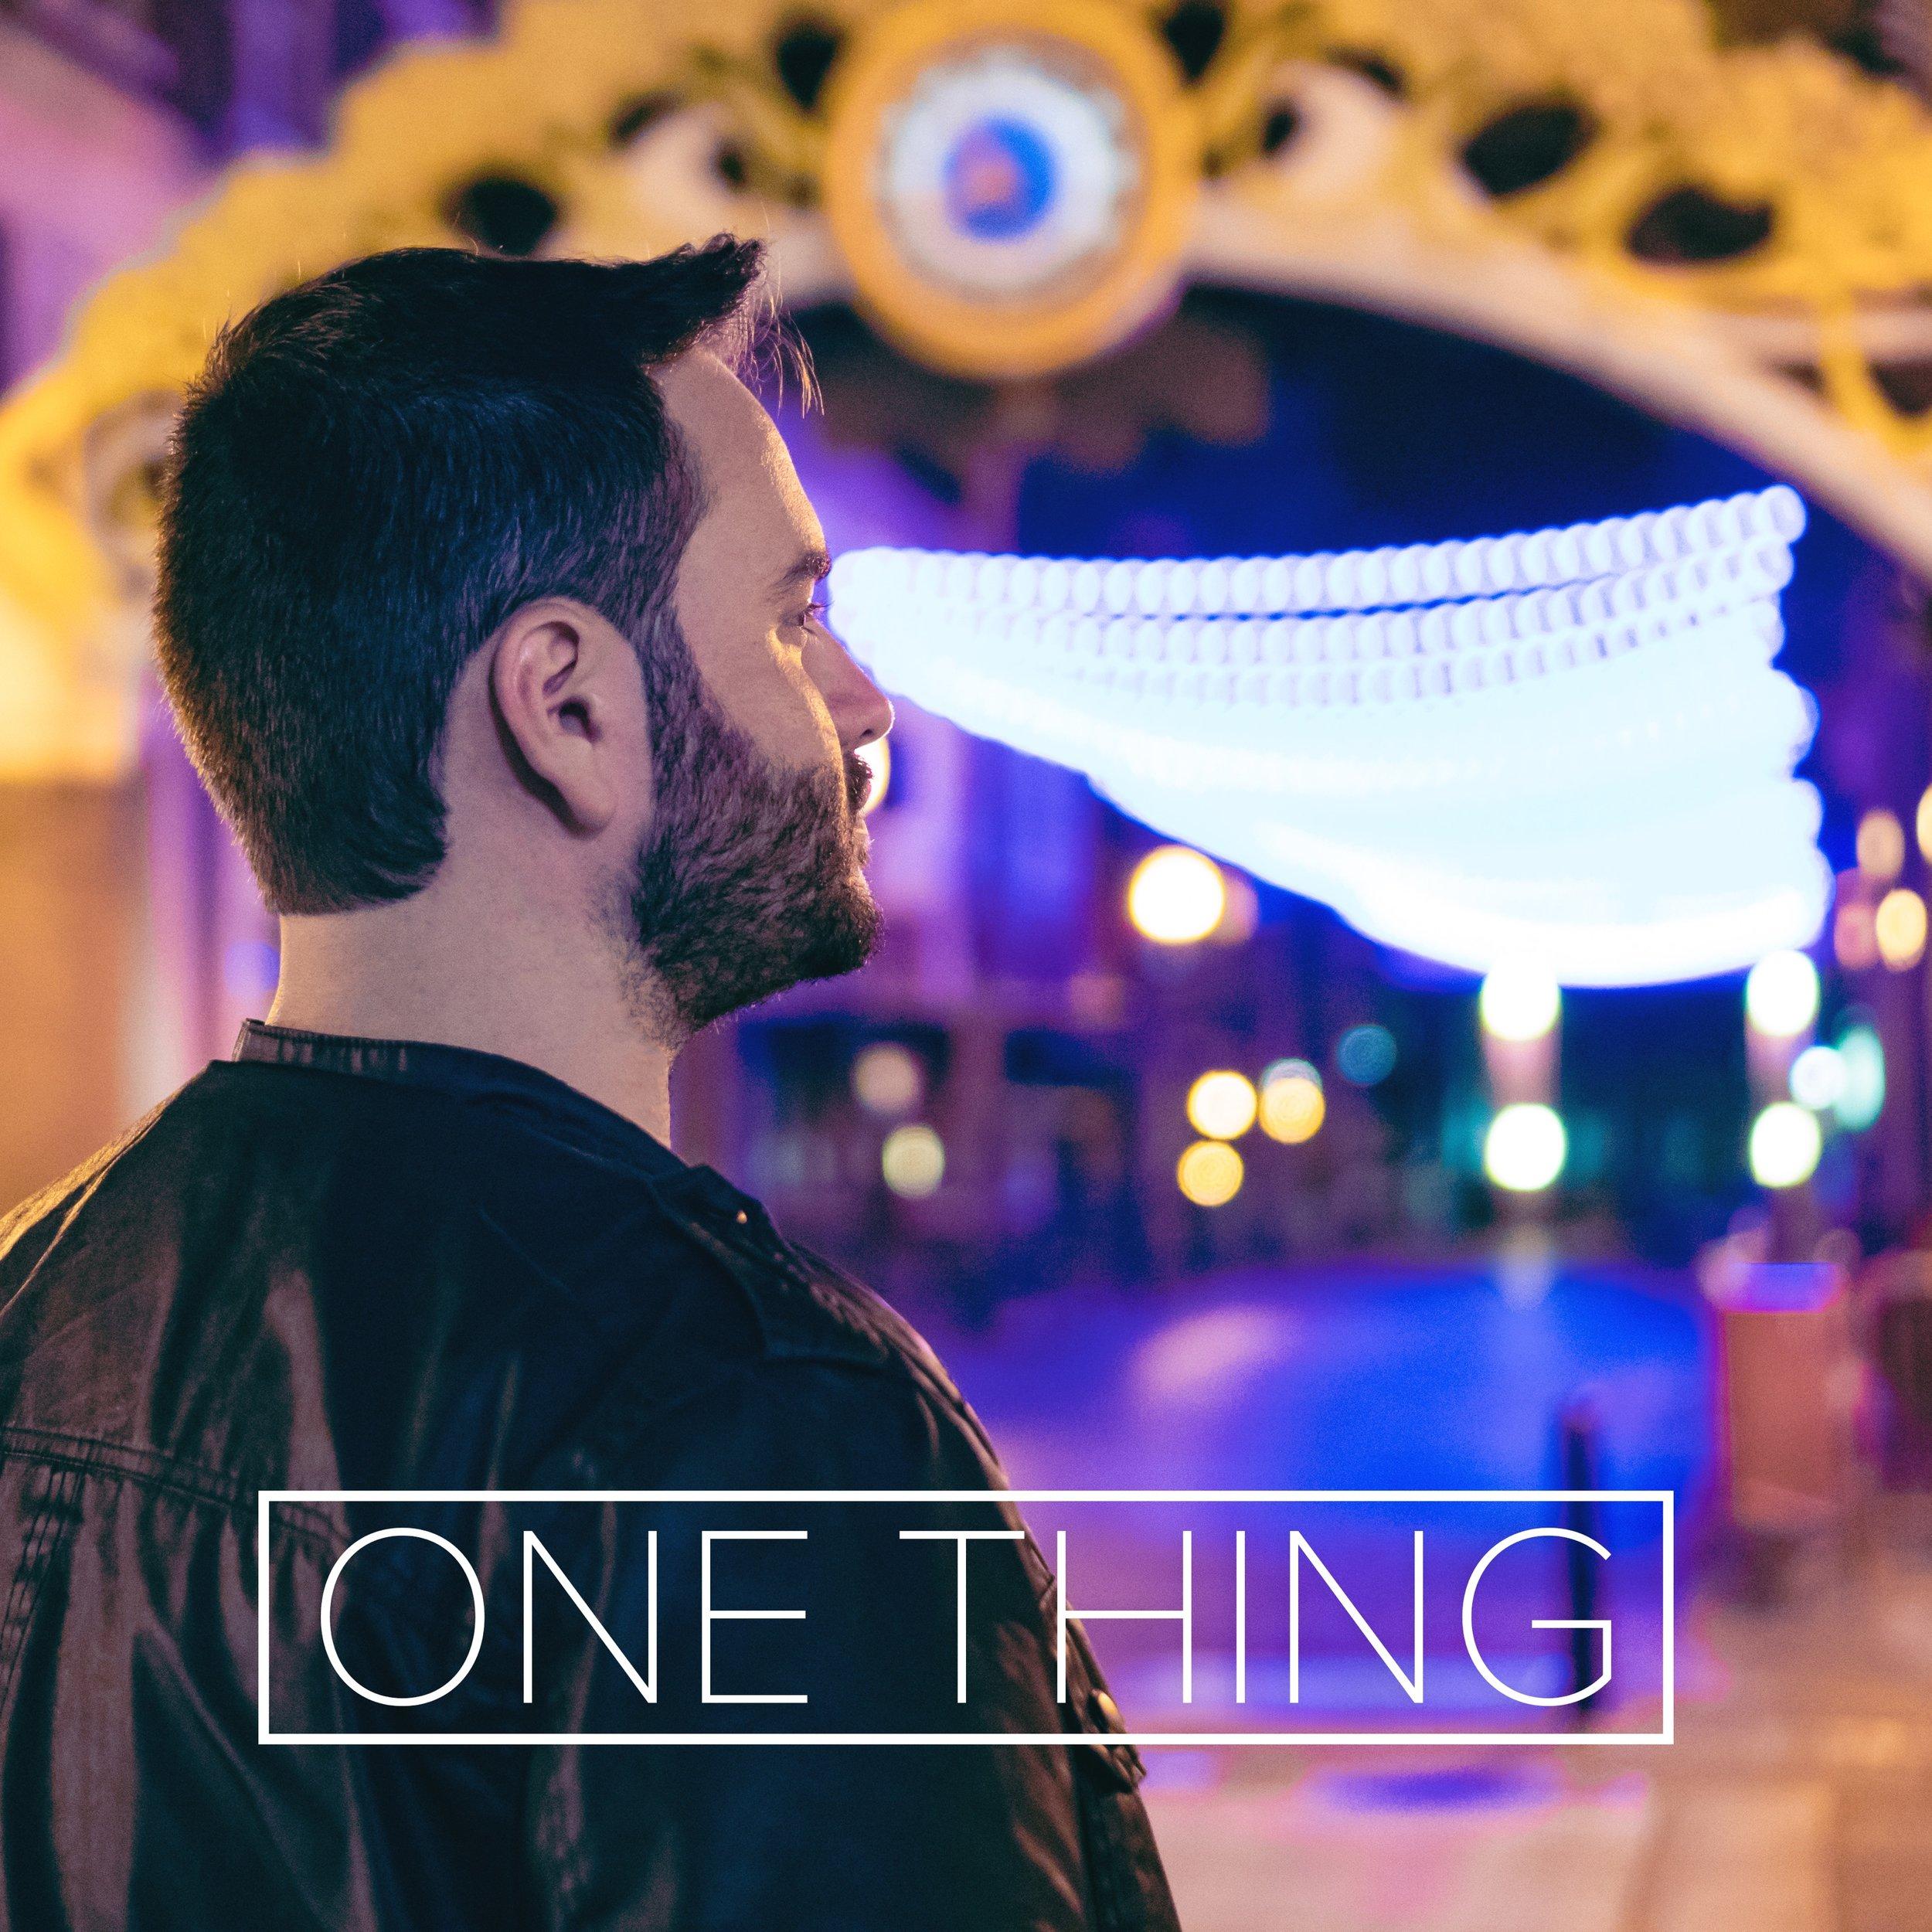 One Thing_Chaz Mazzato.jpeg